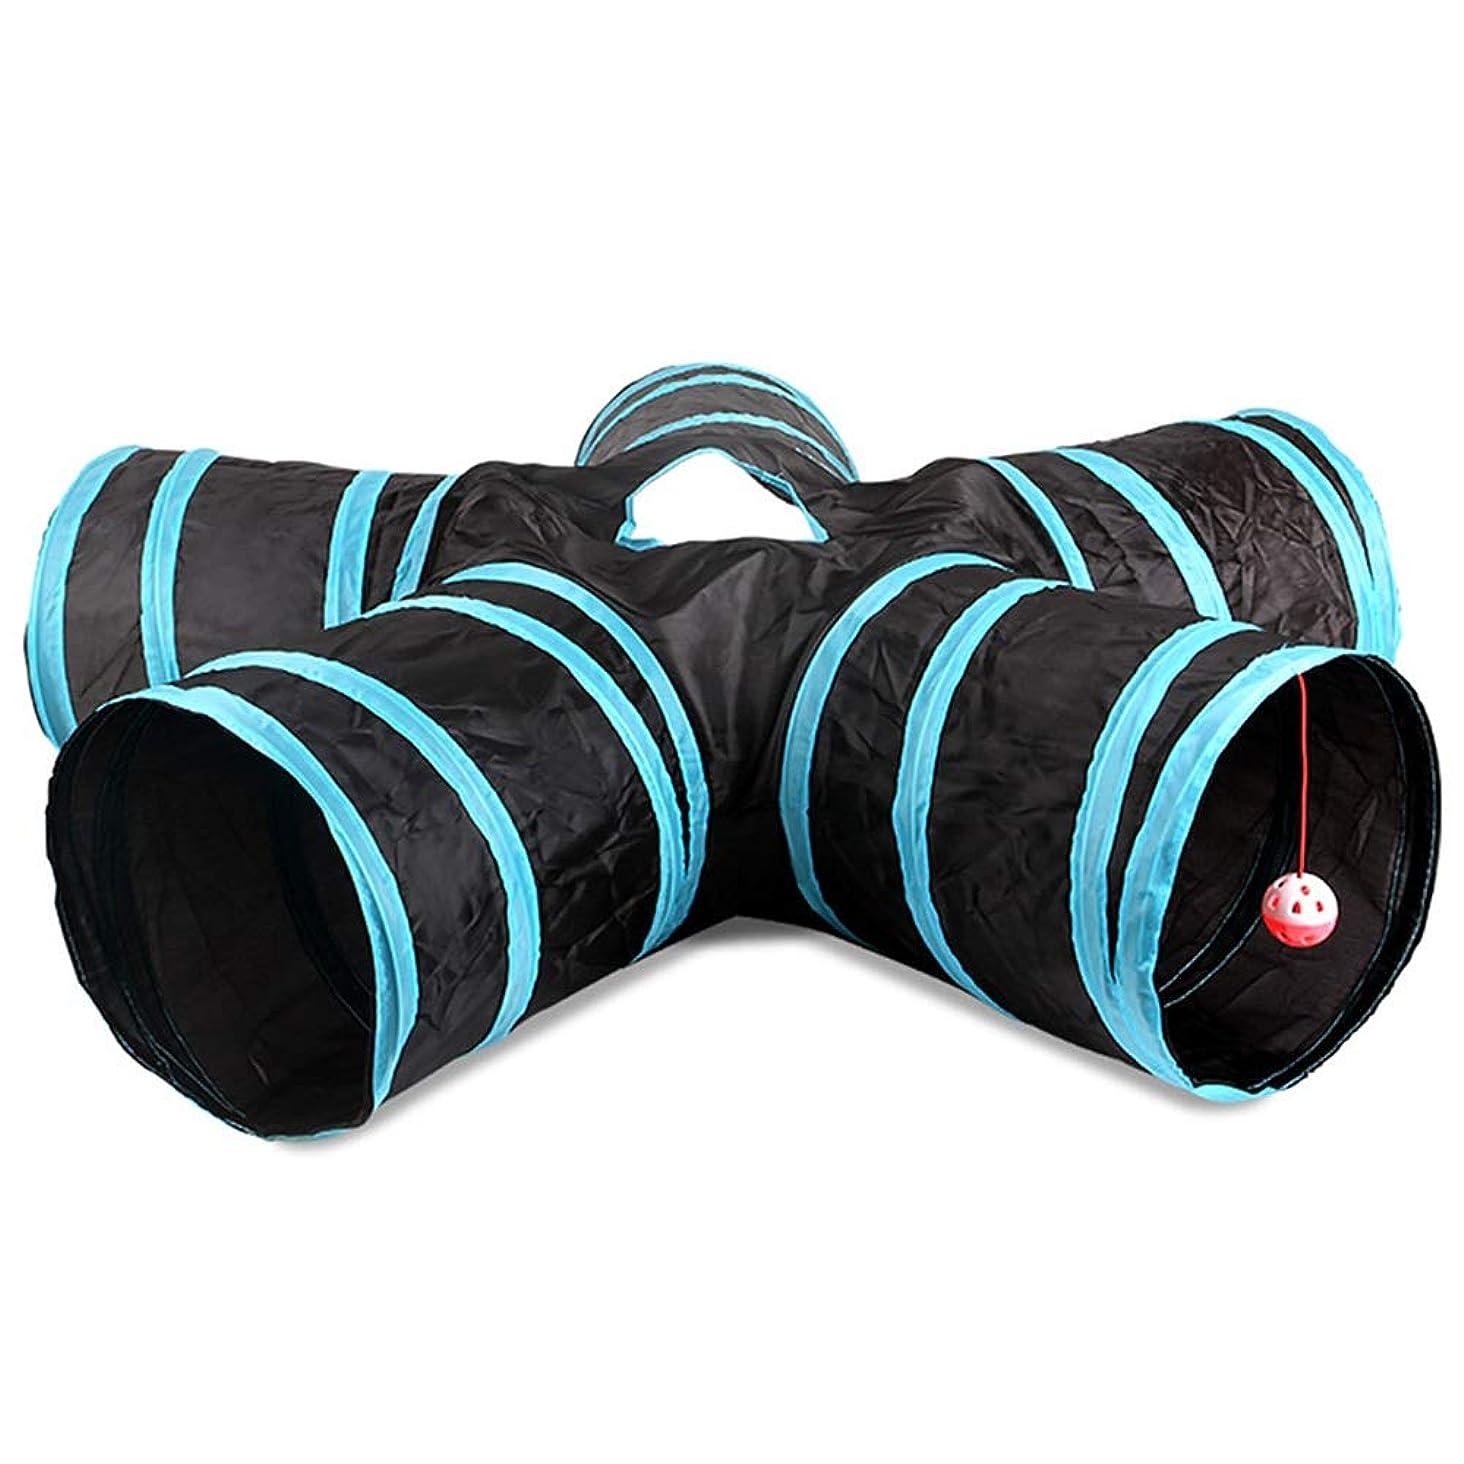 節約バタフライ勇敢な猫のトンネル ペットのトンネルキャットチャンネル教育玩具環境保護紙テントテントペットチャンネル 猫のおもちゃのトンネル (色 : 青, Size : ONE SIZE)